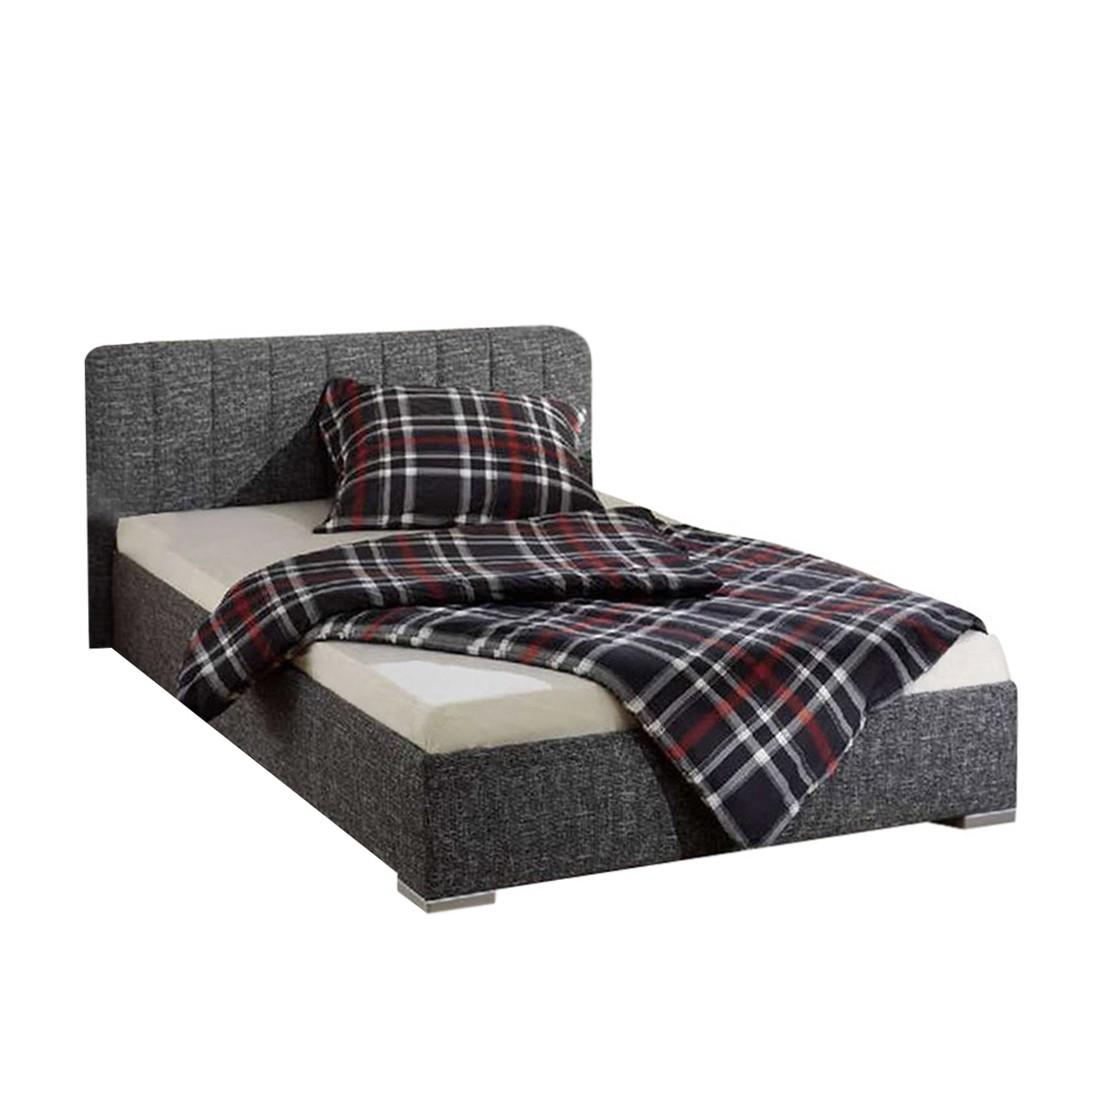 Bed New Jersey - structuurstof - 180 x 200cm - Bedframe zonder matras & lattenbodem - Antraciet, Monaco